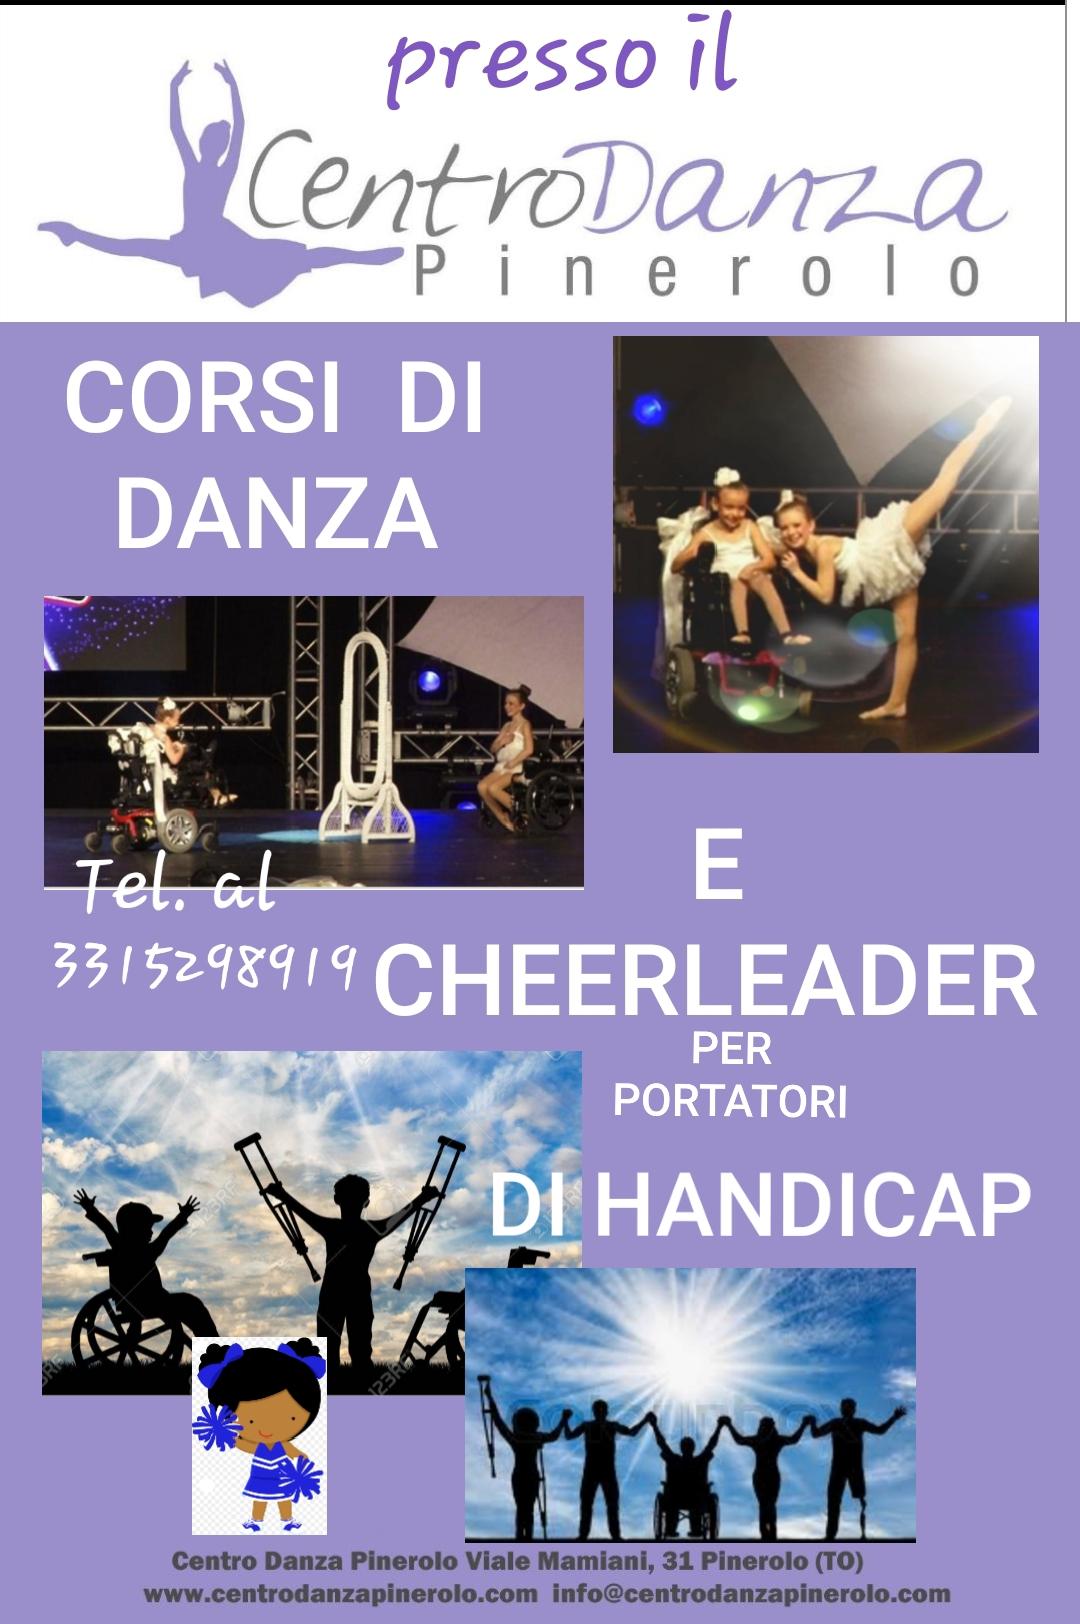 Corsi di danza e cheerleader per portatori di handicap